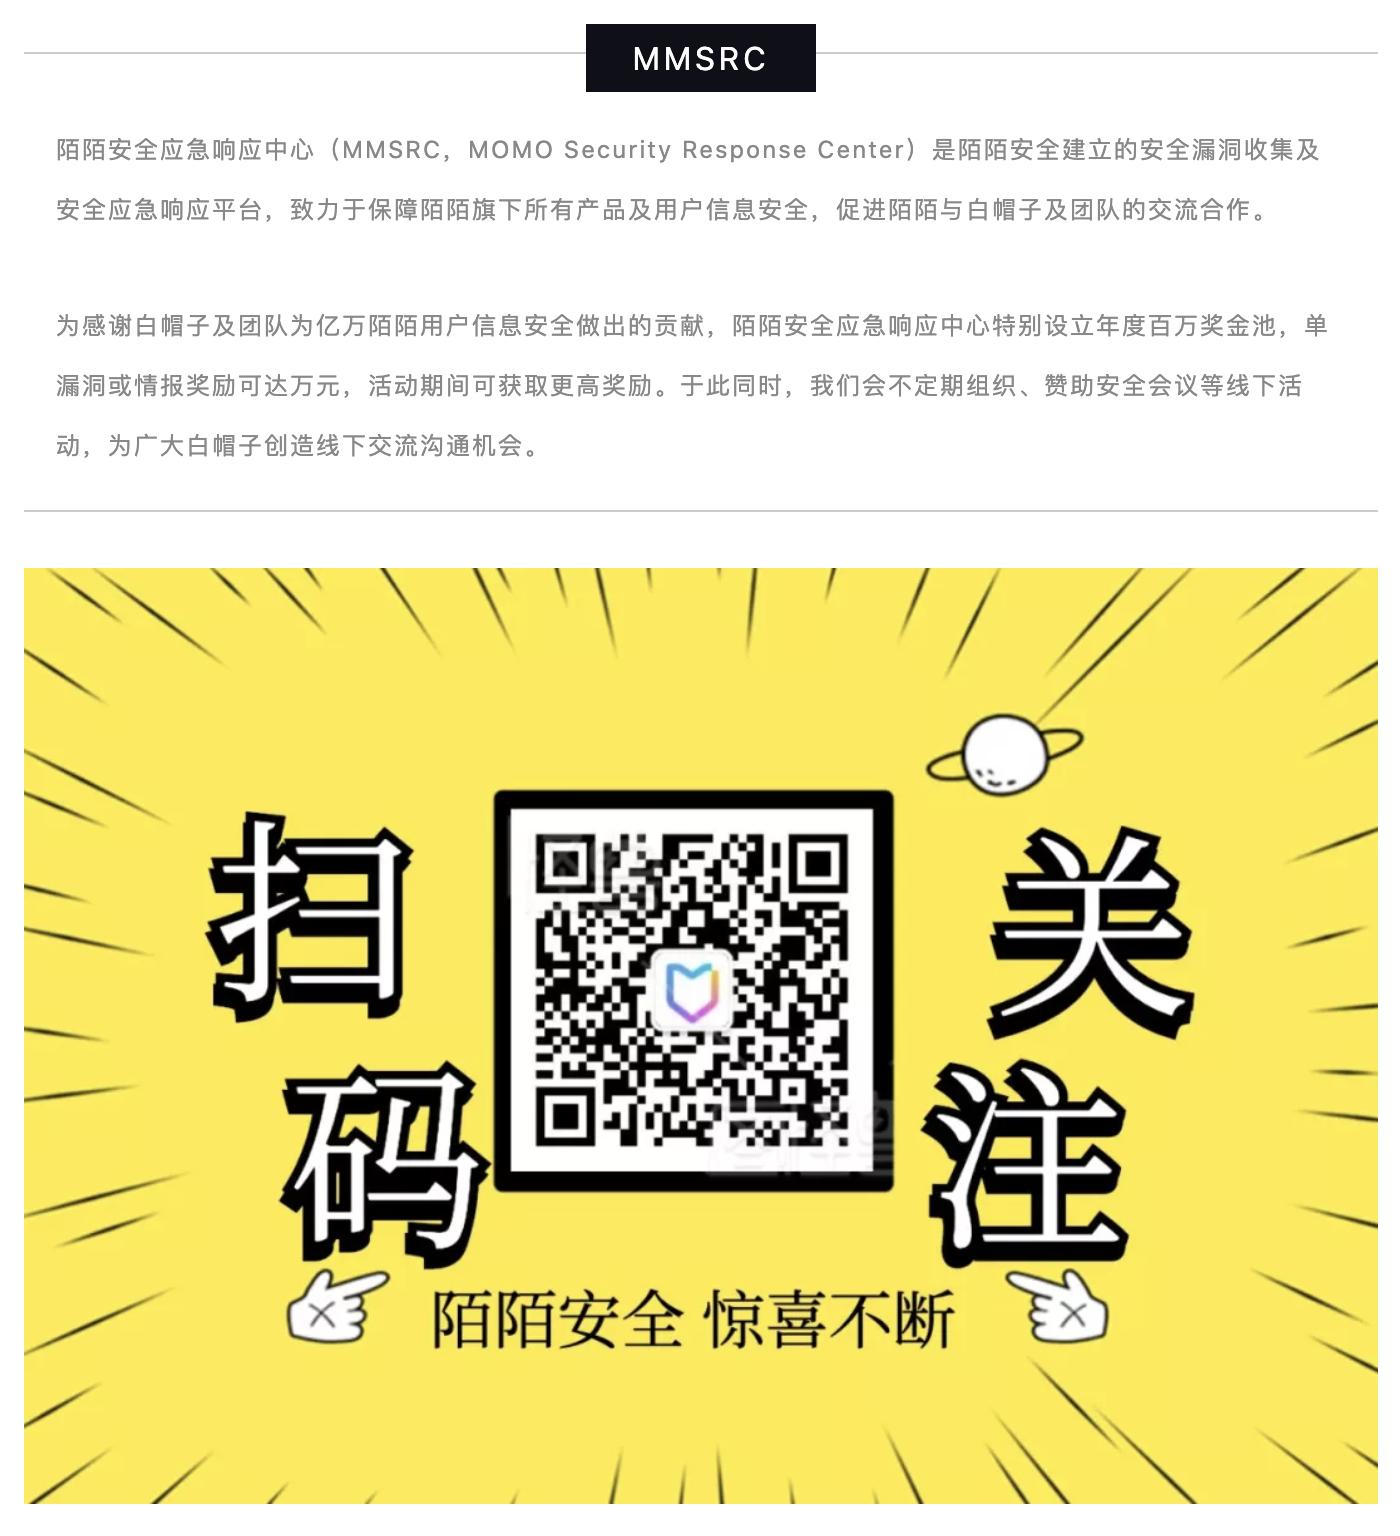 https://momo-mmsrc.oss-cn-hangzhou.aliyuncs.com/img-51e7b686-e161-36b8-a040-5c8ee0026fb3.png